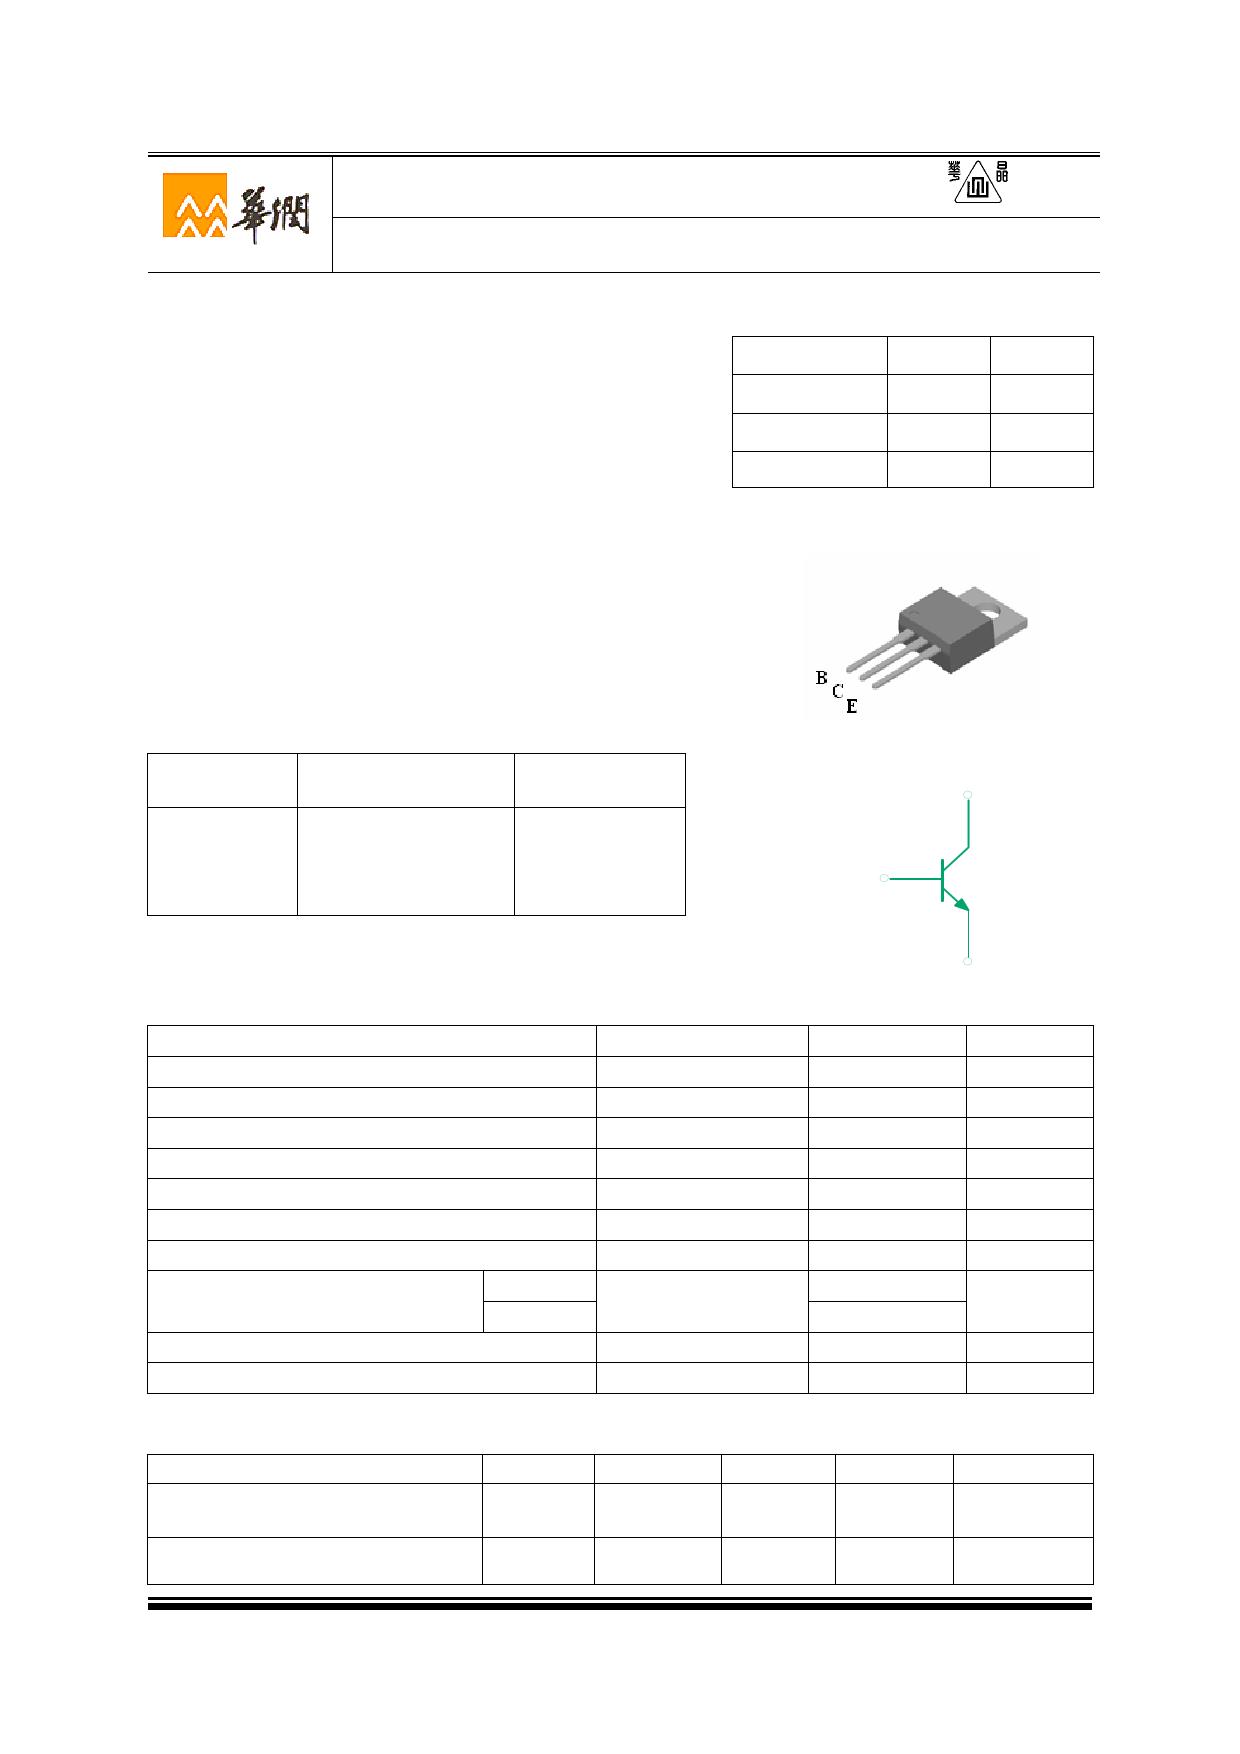 3DD13007B8 Datasheet, 3DD13007B8 PDF,ピン配置, 機能